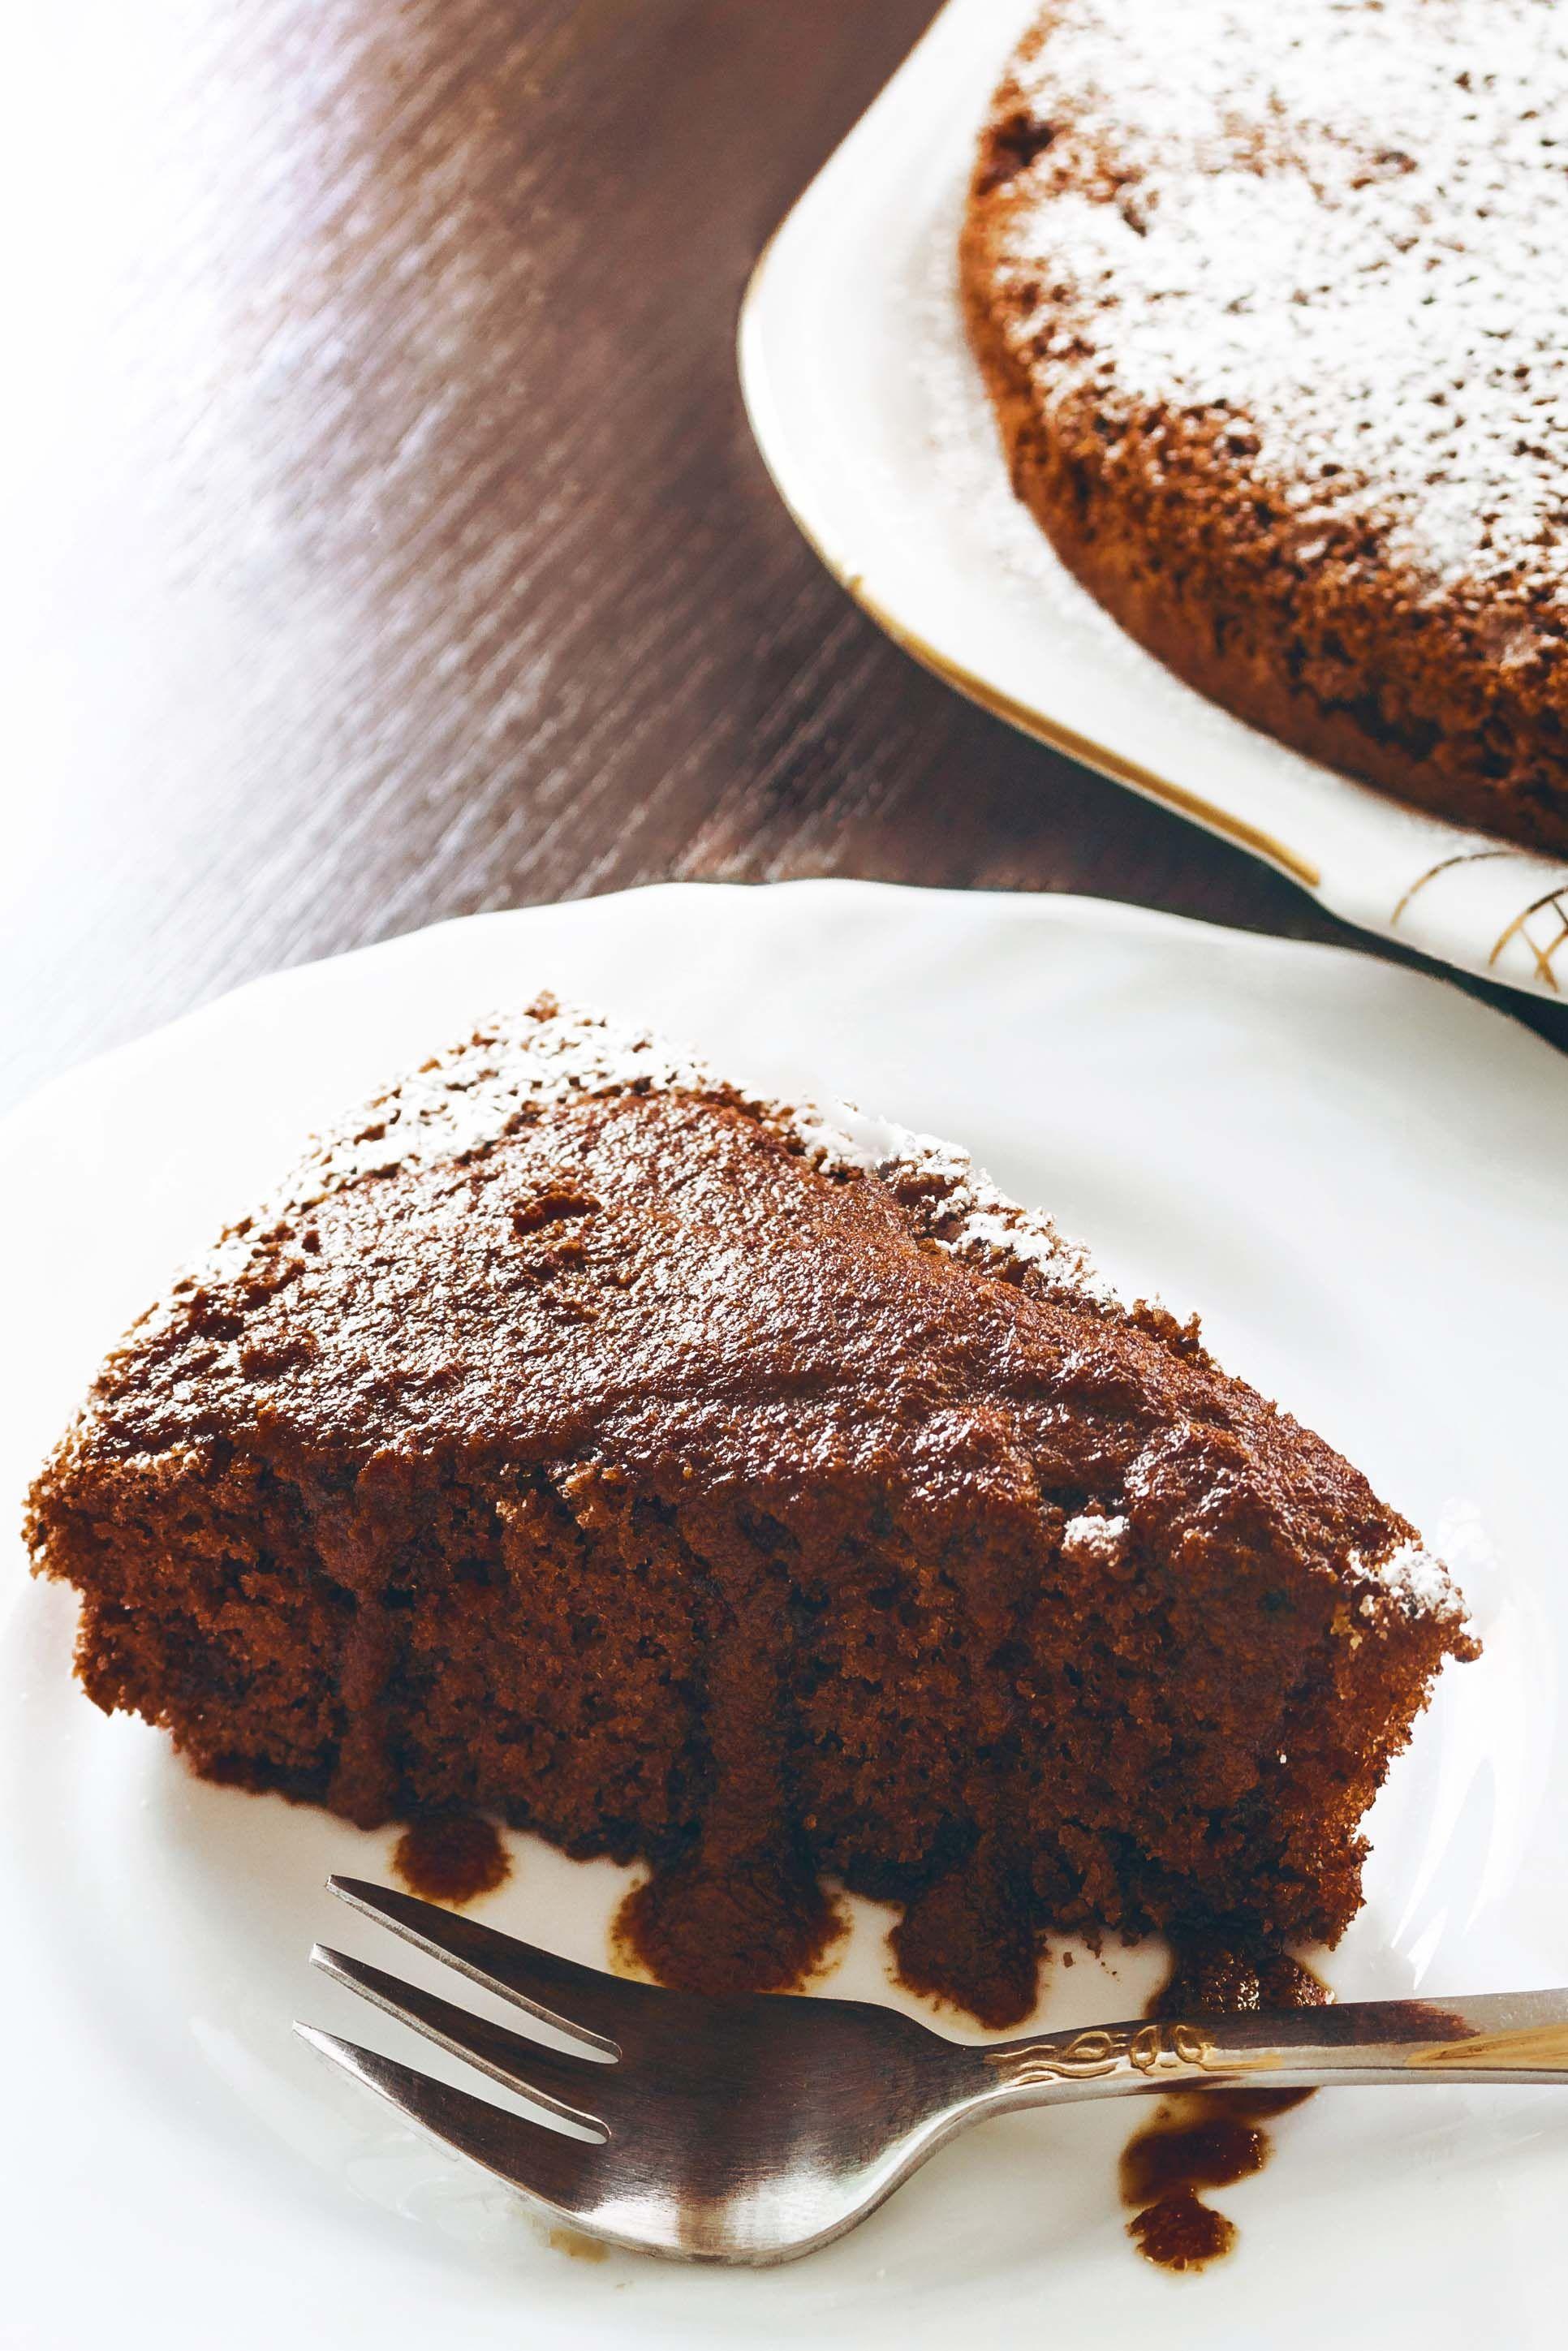 Recette Pour Cuisiner Avec Les Enfants Le Moelleux Irresistible Au Chocolat Recette Gateau Chocolat Facile Gateau Chocolat Moelleux